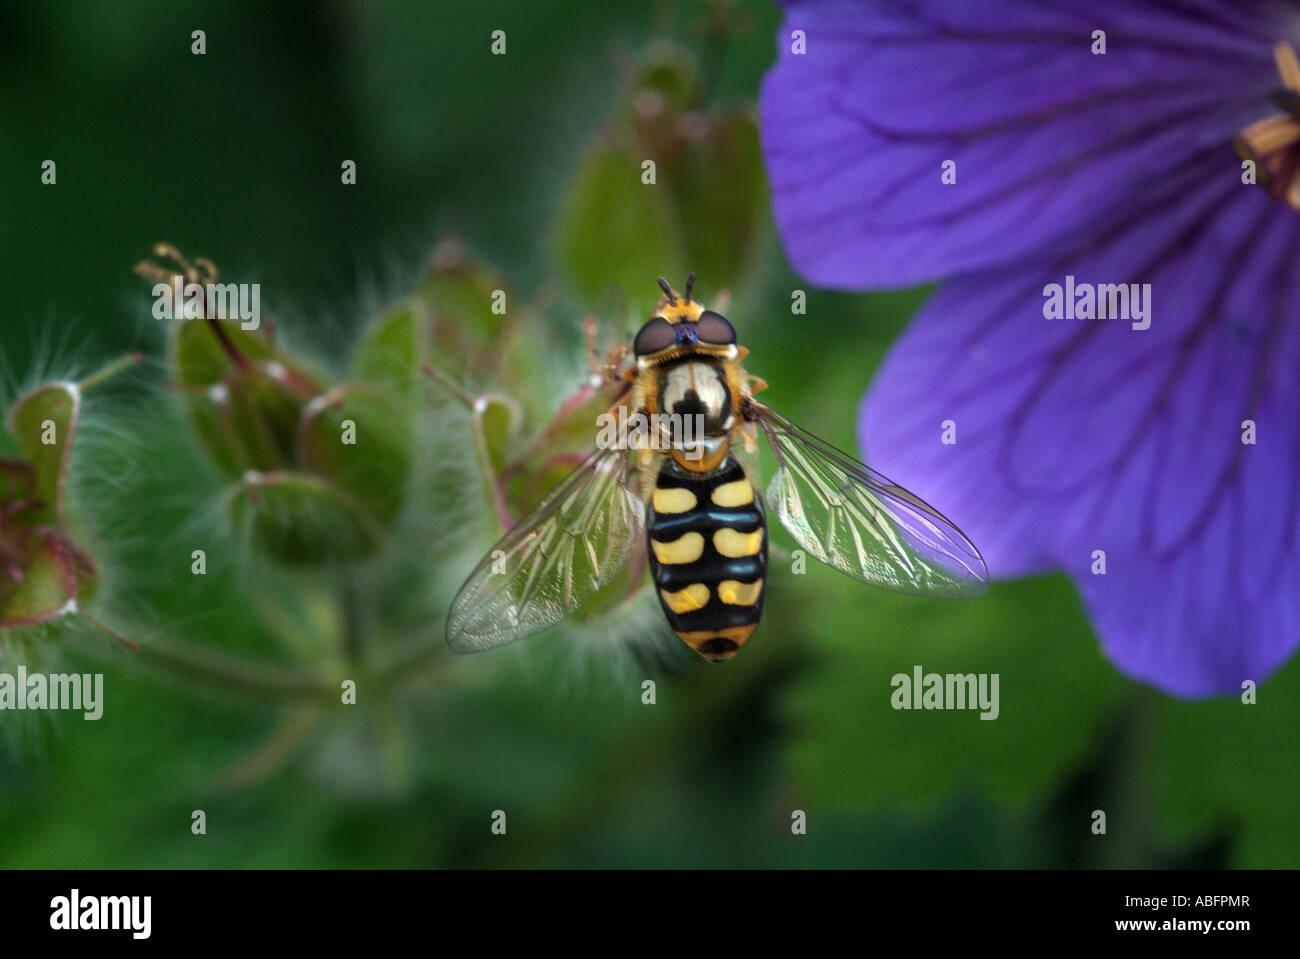 Hoverfly insecte diptère syrphe wasp imiter closeup close up géranium pourpre macro fleur commune England UK Royaume-Uni G Banque D'Images